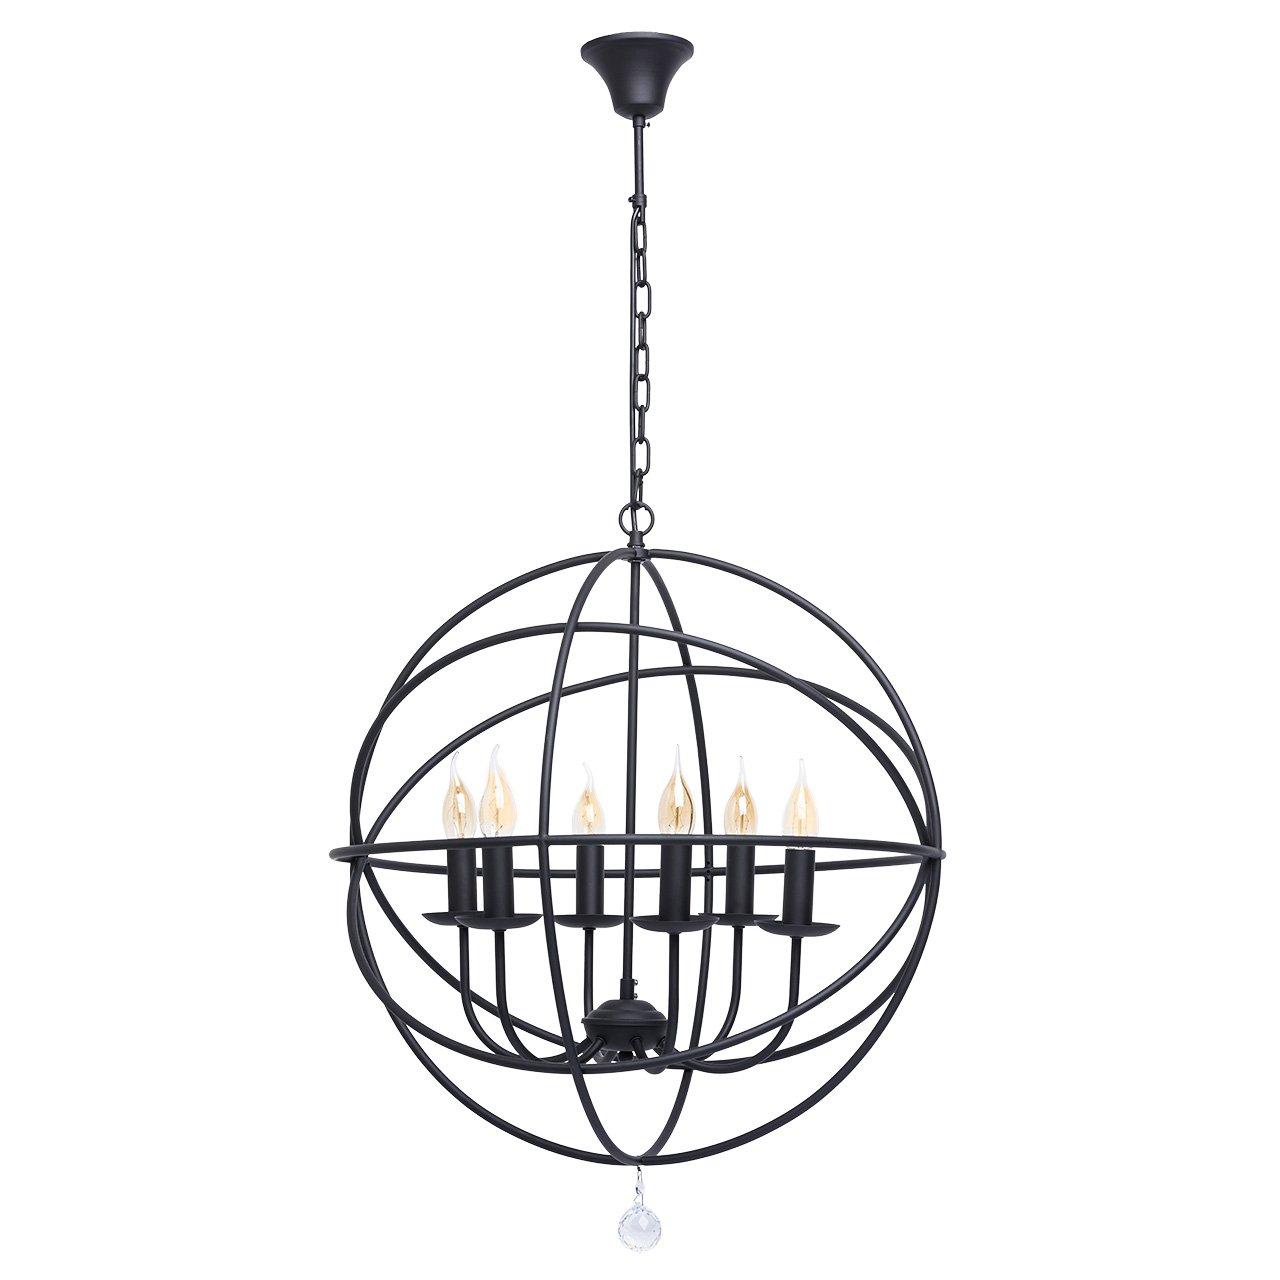 Rustikale Pendelleuchte schwarz Metall Farbe mit Kristalltropfen für Landhaus 6 - flammig mit ringe exkl.6  60W E14